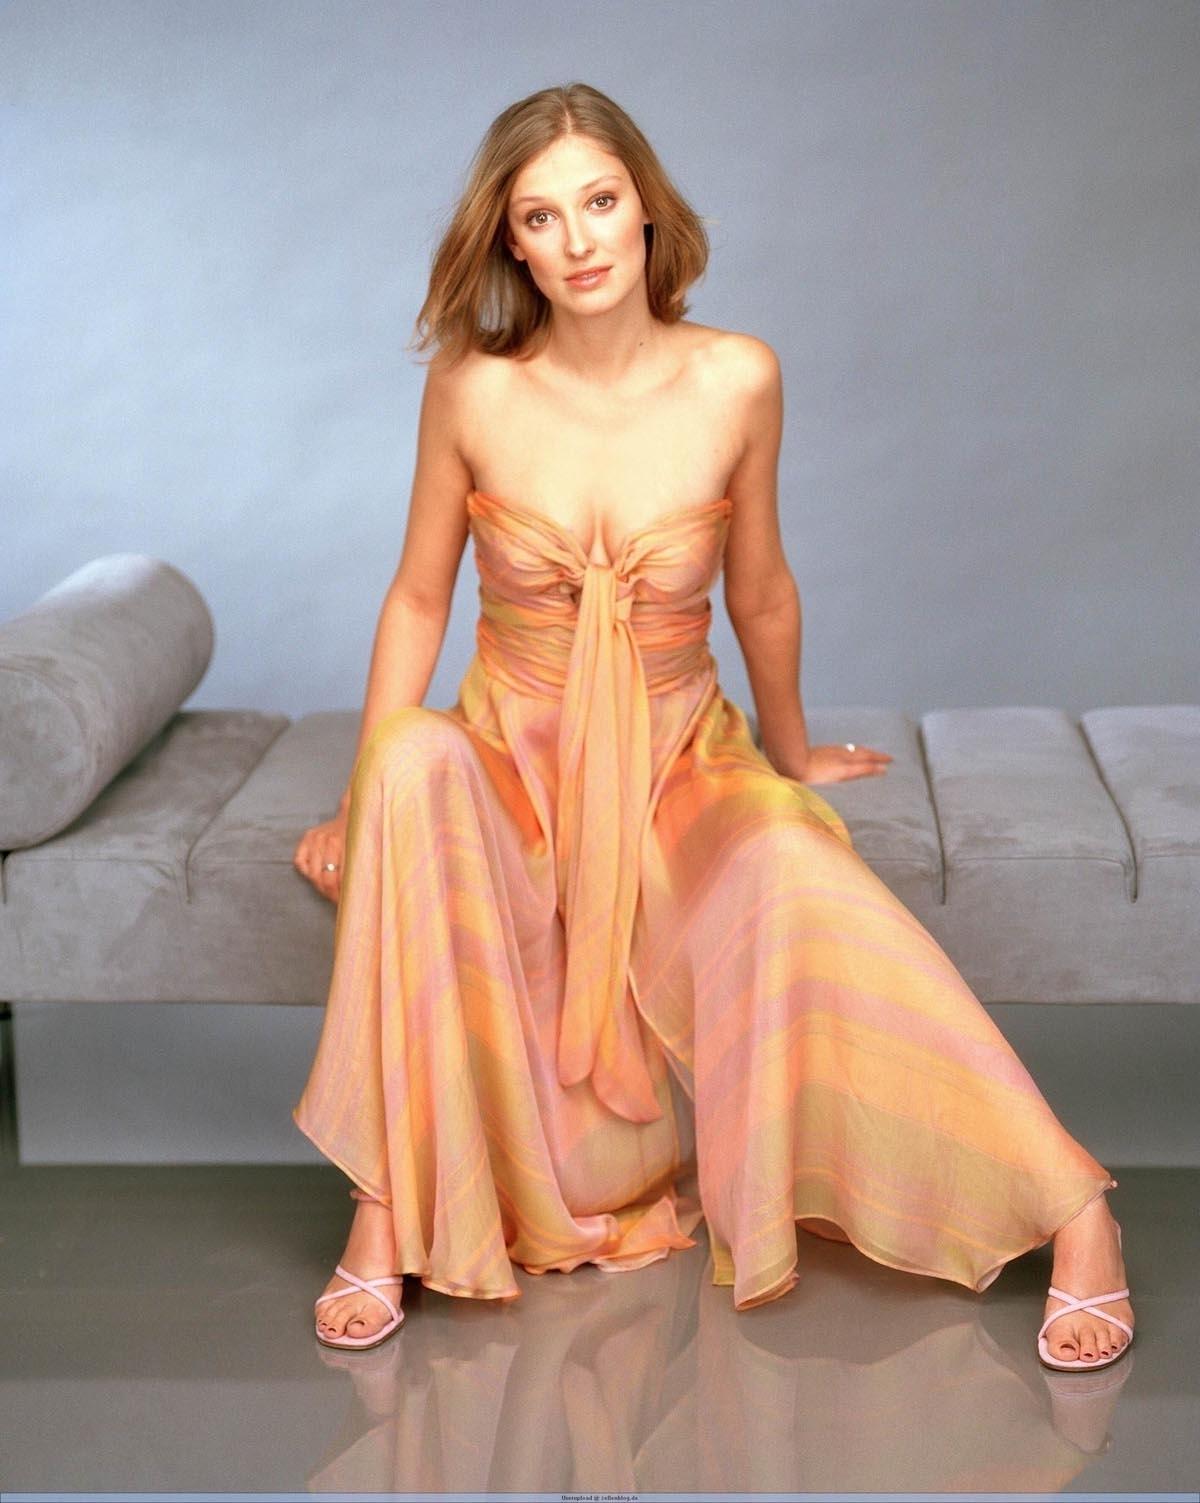 Александра Мария Лара голая. Фото - 1